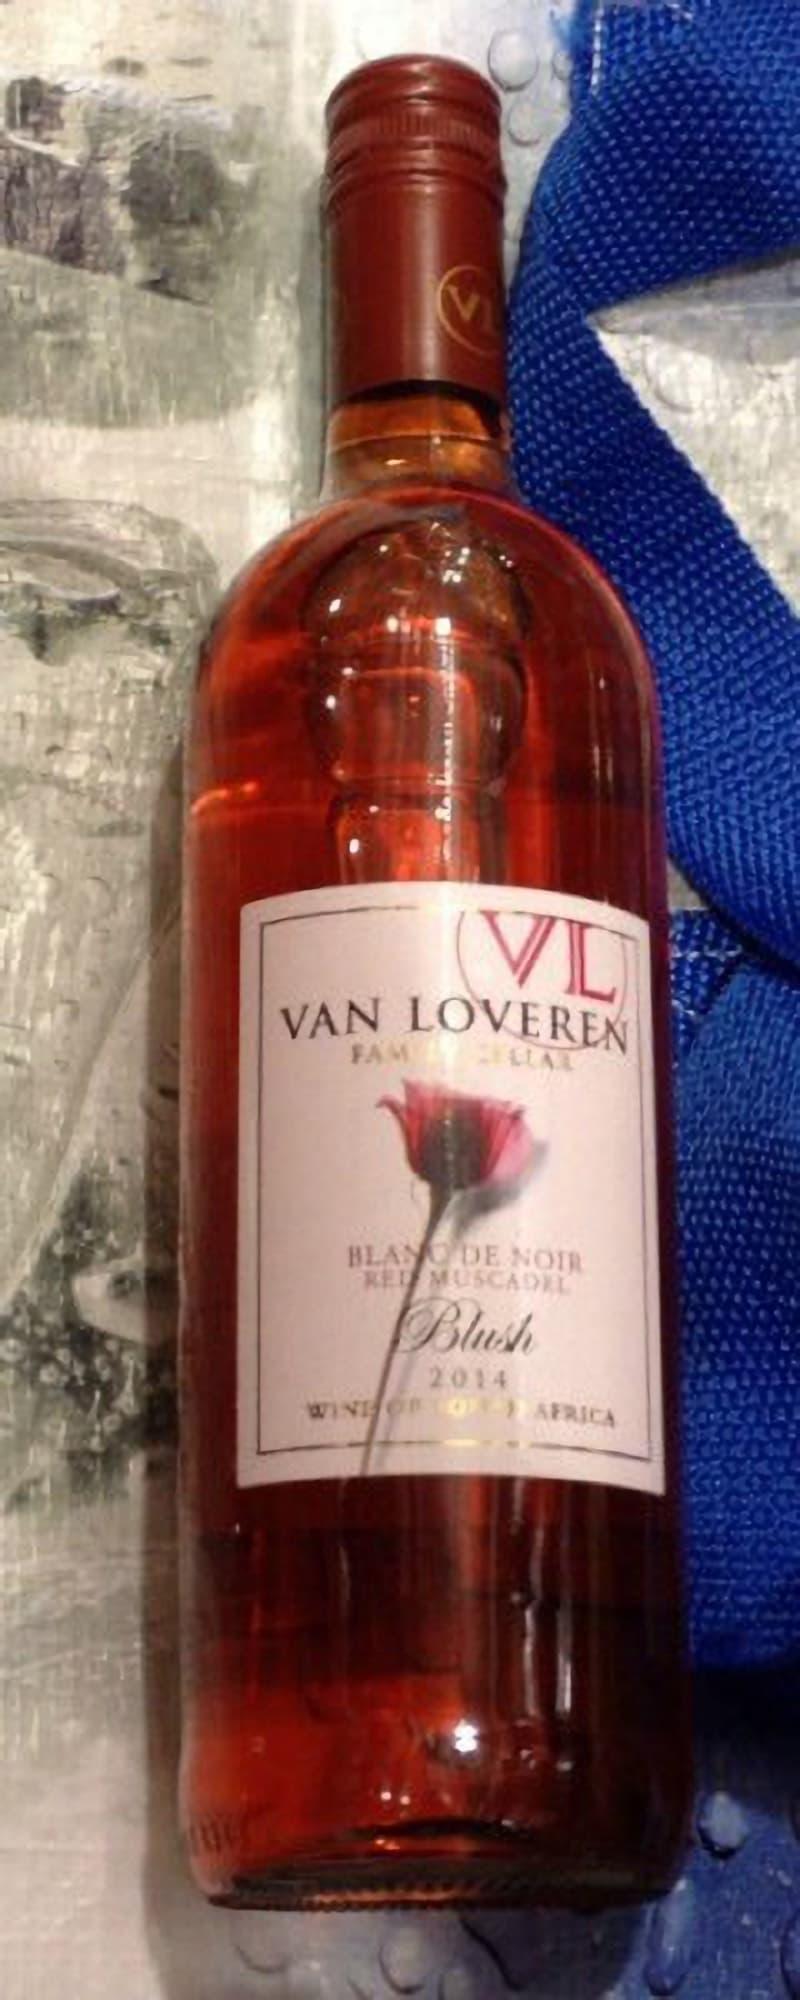 [2]が投稿したVan Loveren Blanc de Noir Red Muscadel Blush ファン・ローファラン ブラン・ド・ノワール シラーズの写真